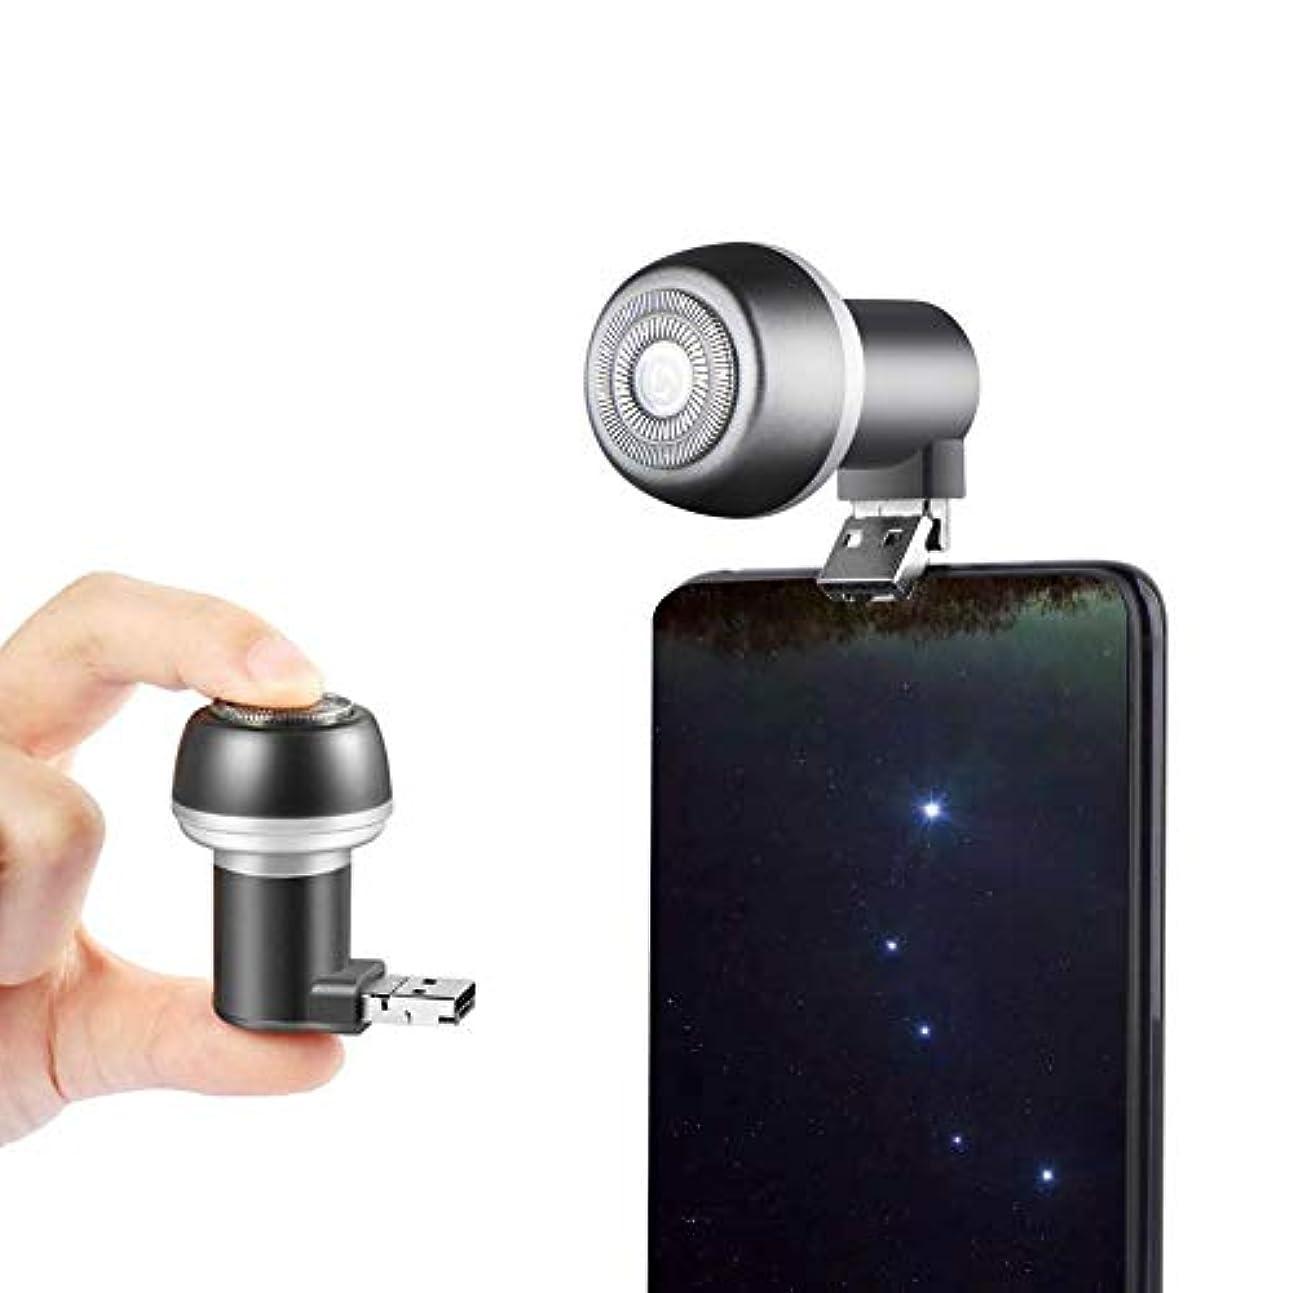 コロニアル宝スロープUSBかみそり旅行、男女兼用の小型磁気Smartphoneの電気かみそりの防水脇の下の脱毛器,Gray